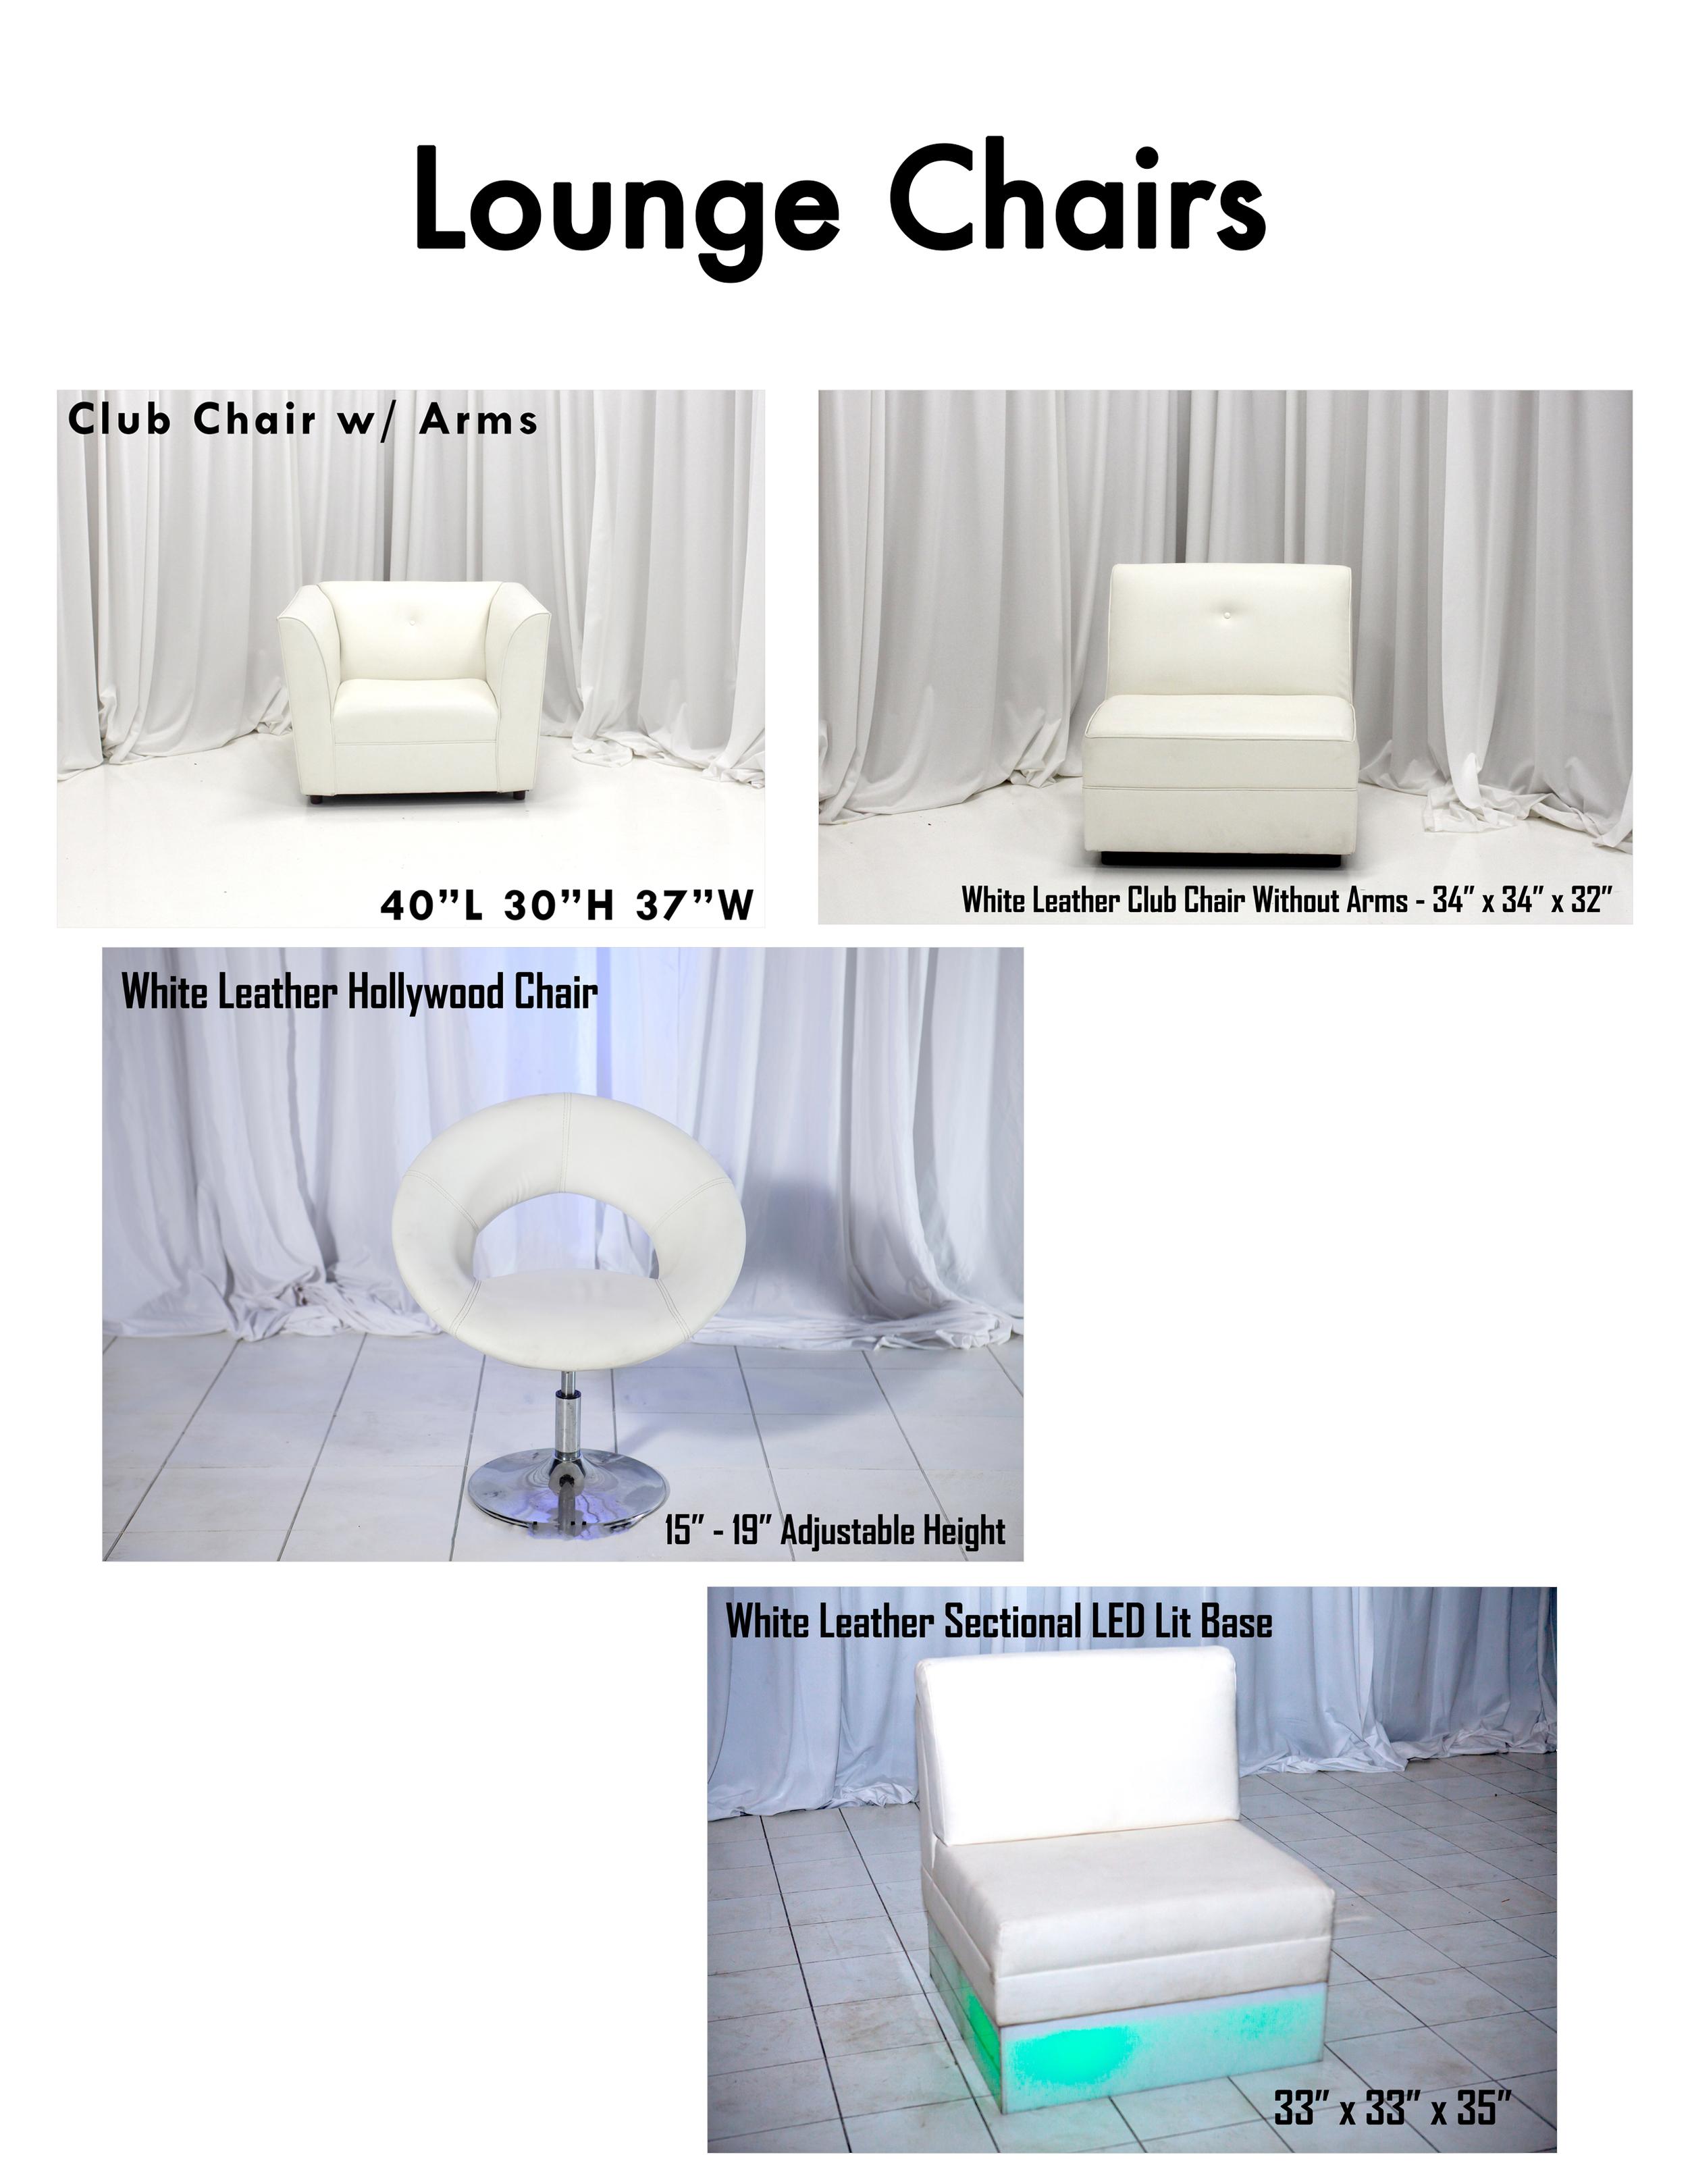 P48_Lounge Chairs.jpg